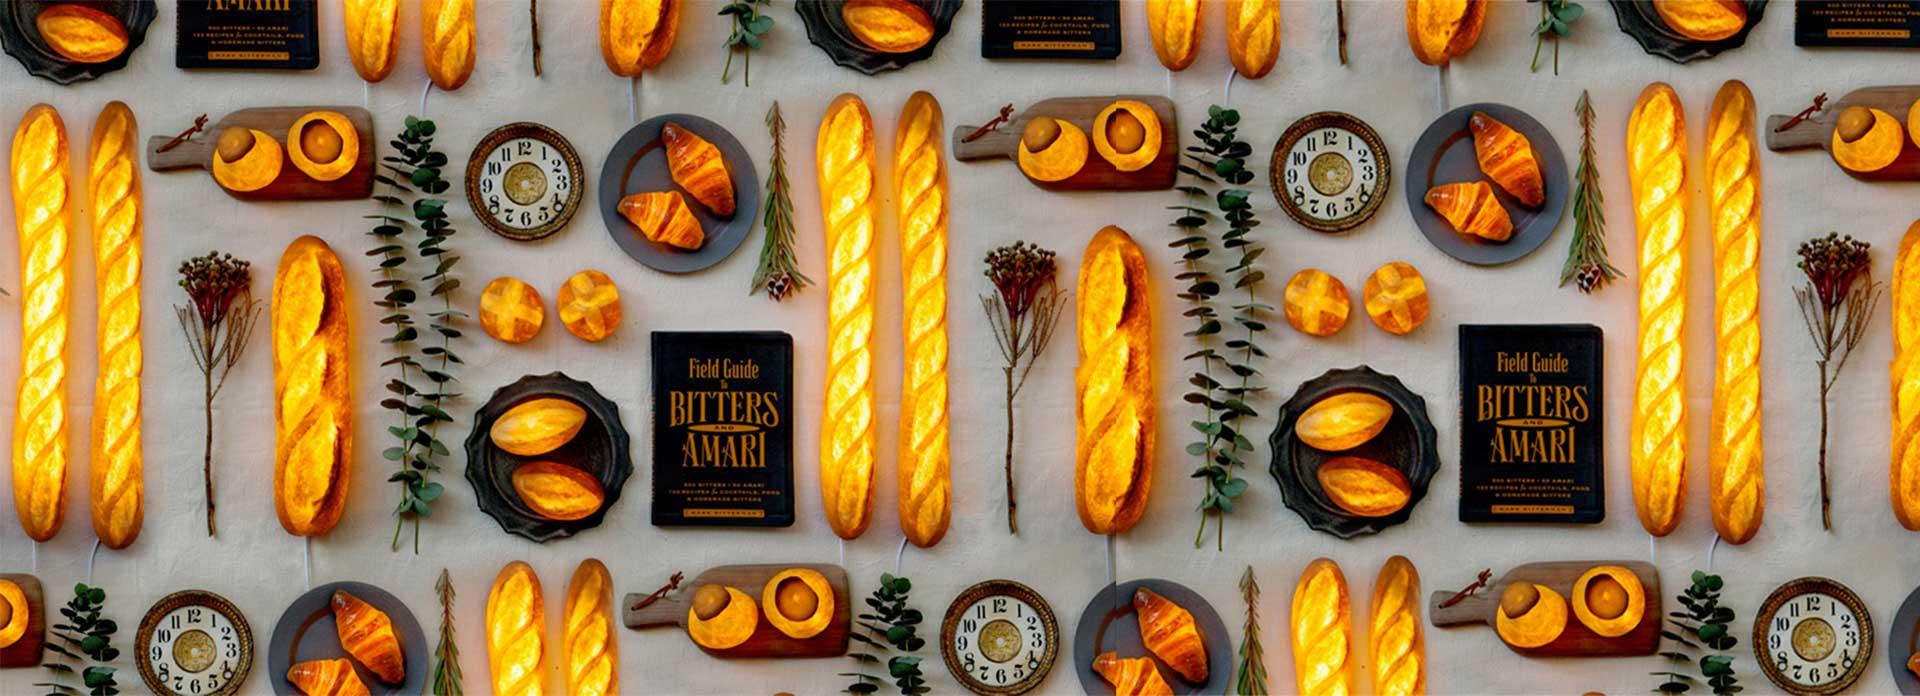 وکیکو موریتا هنرمندی ژاپنی است که در نمایشگاه امسال Maison & Objet از محصول خلاقانهای رونمایی کرده: چراغ دستسازی که از نان ساخته شده است.